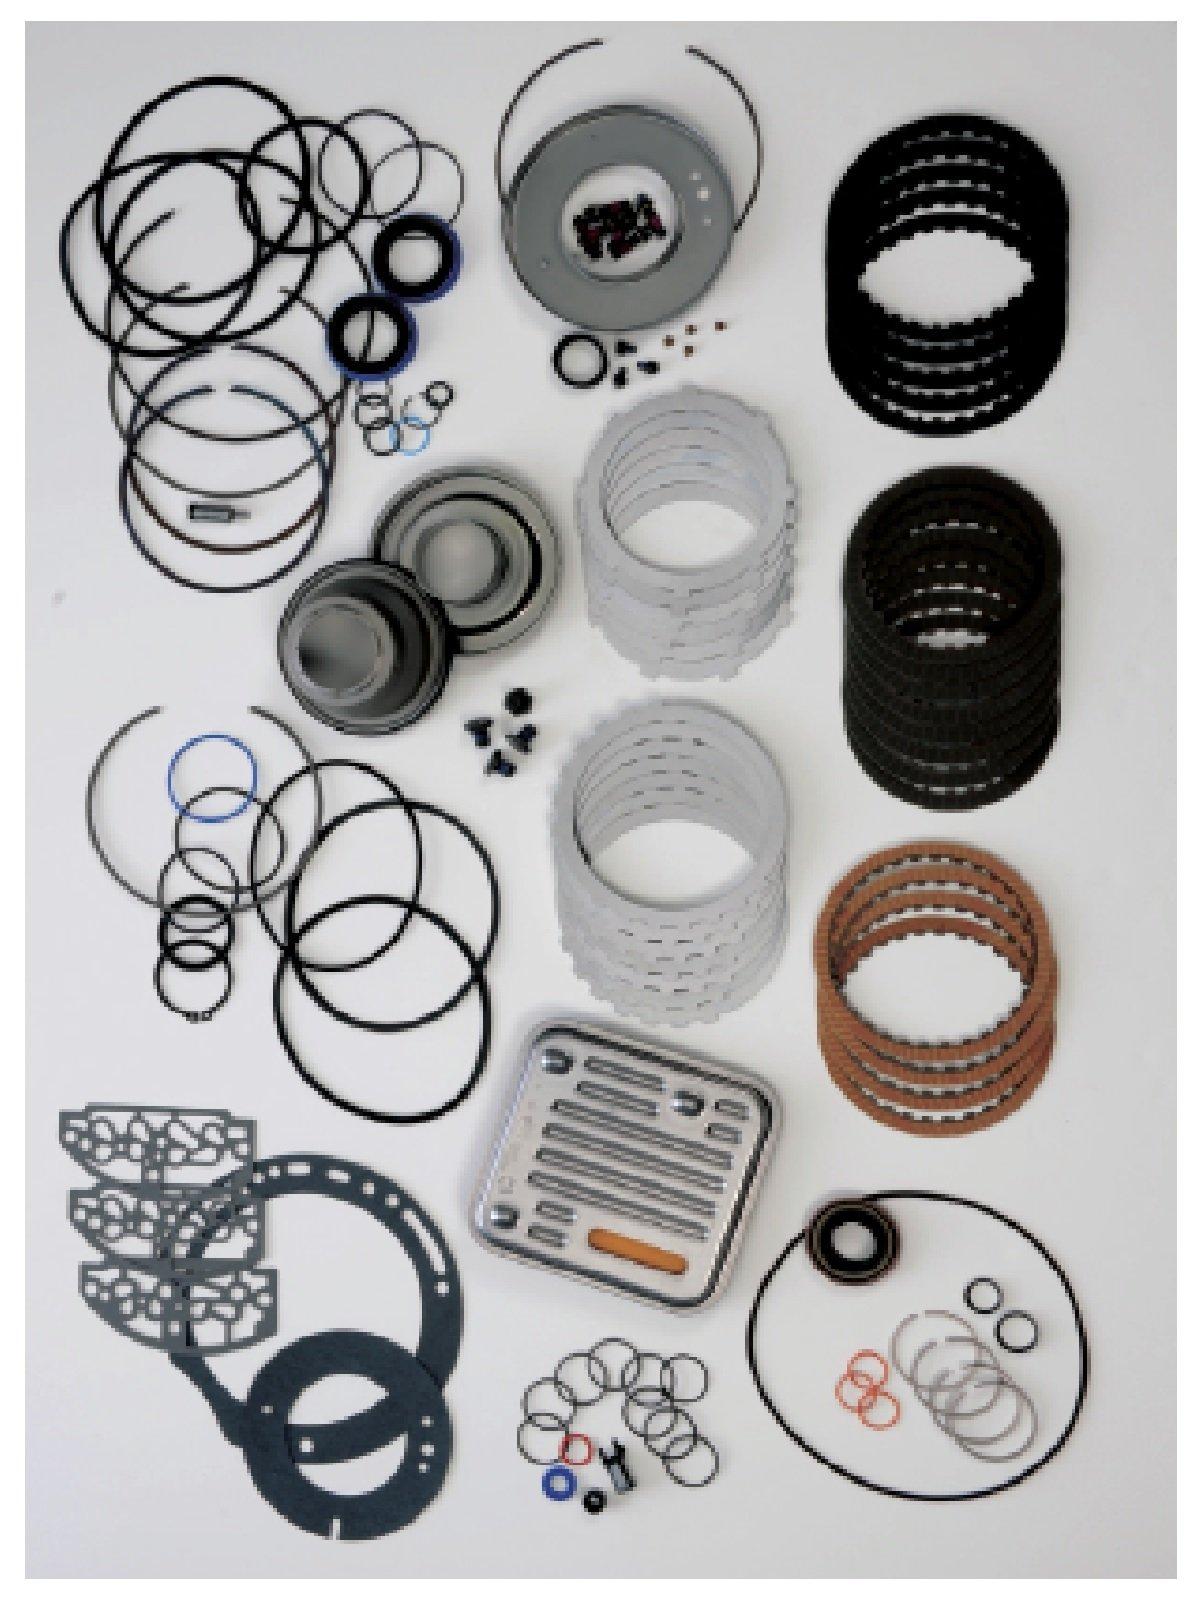 Mopar Automatic Transmission Master Rebuild Kit for 48RE Transmissions